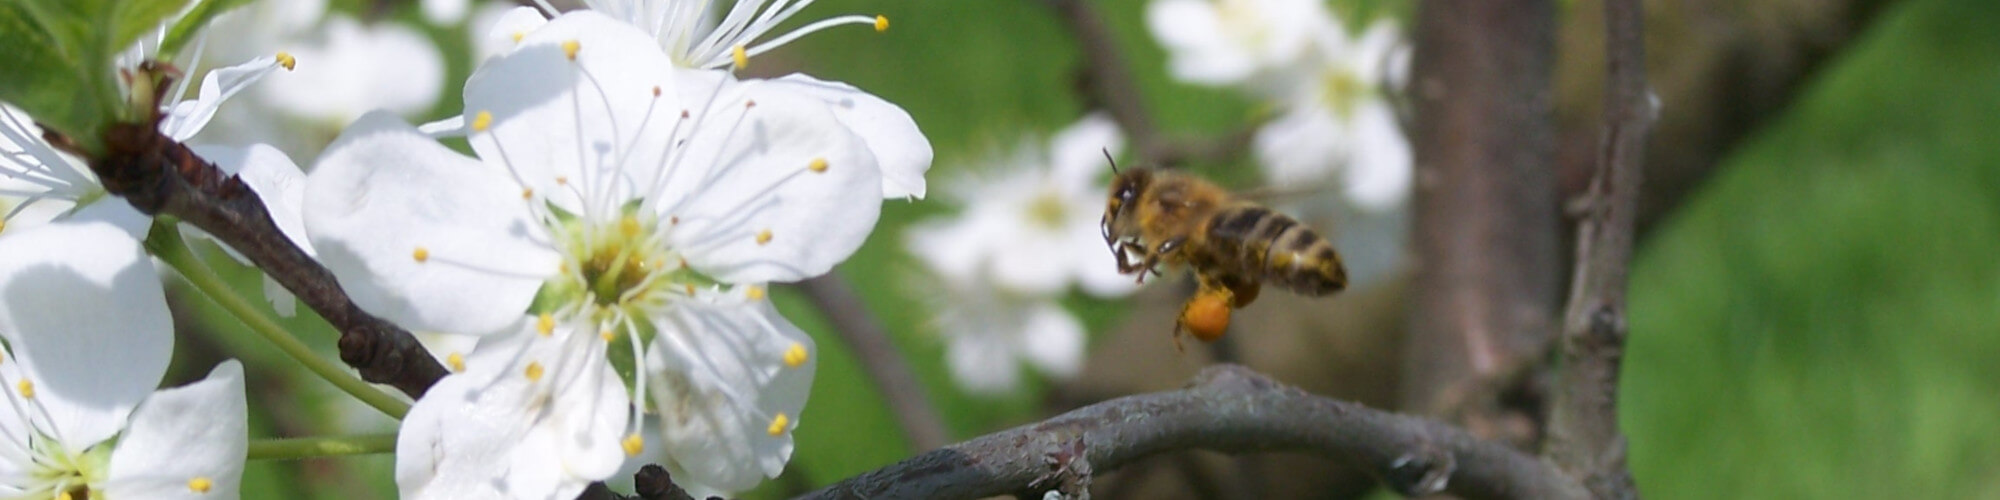 biene an einer Kirschbluete